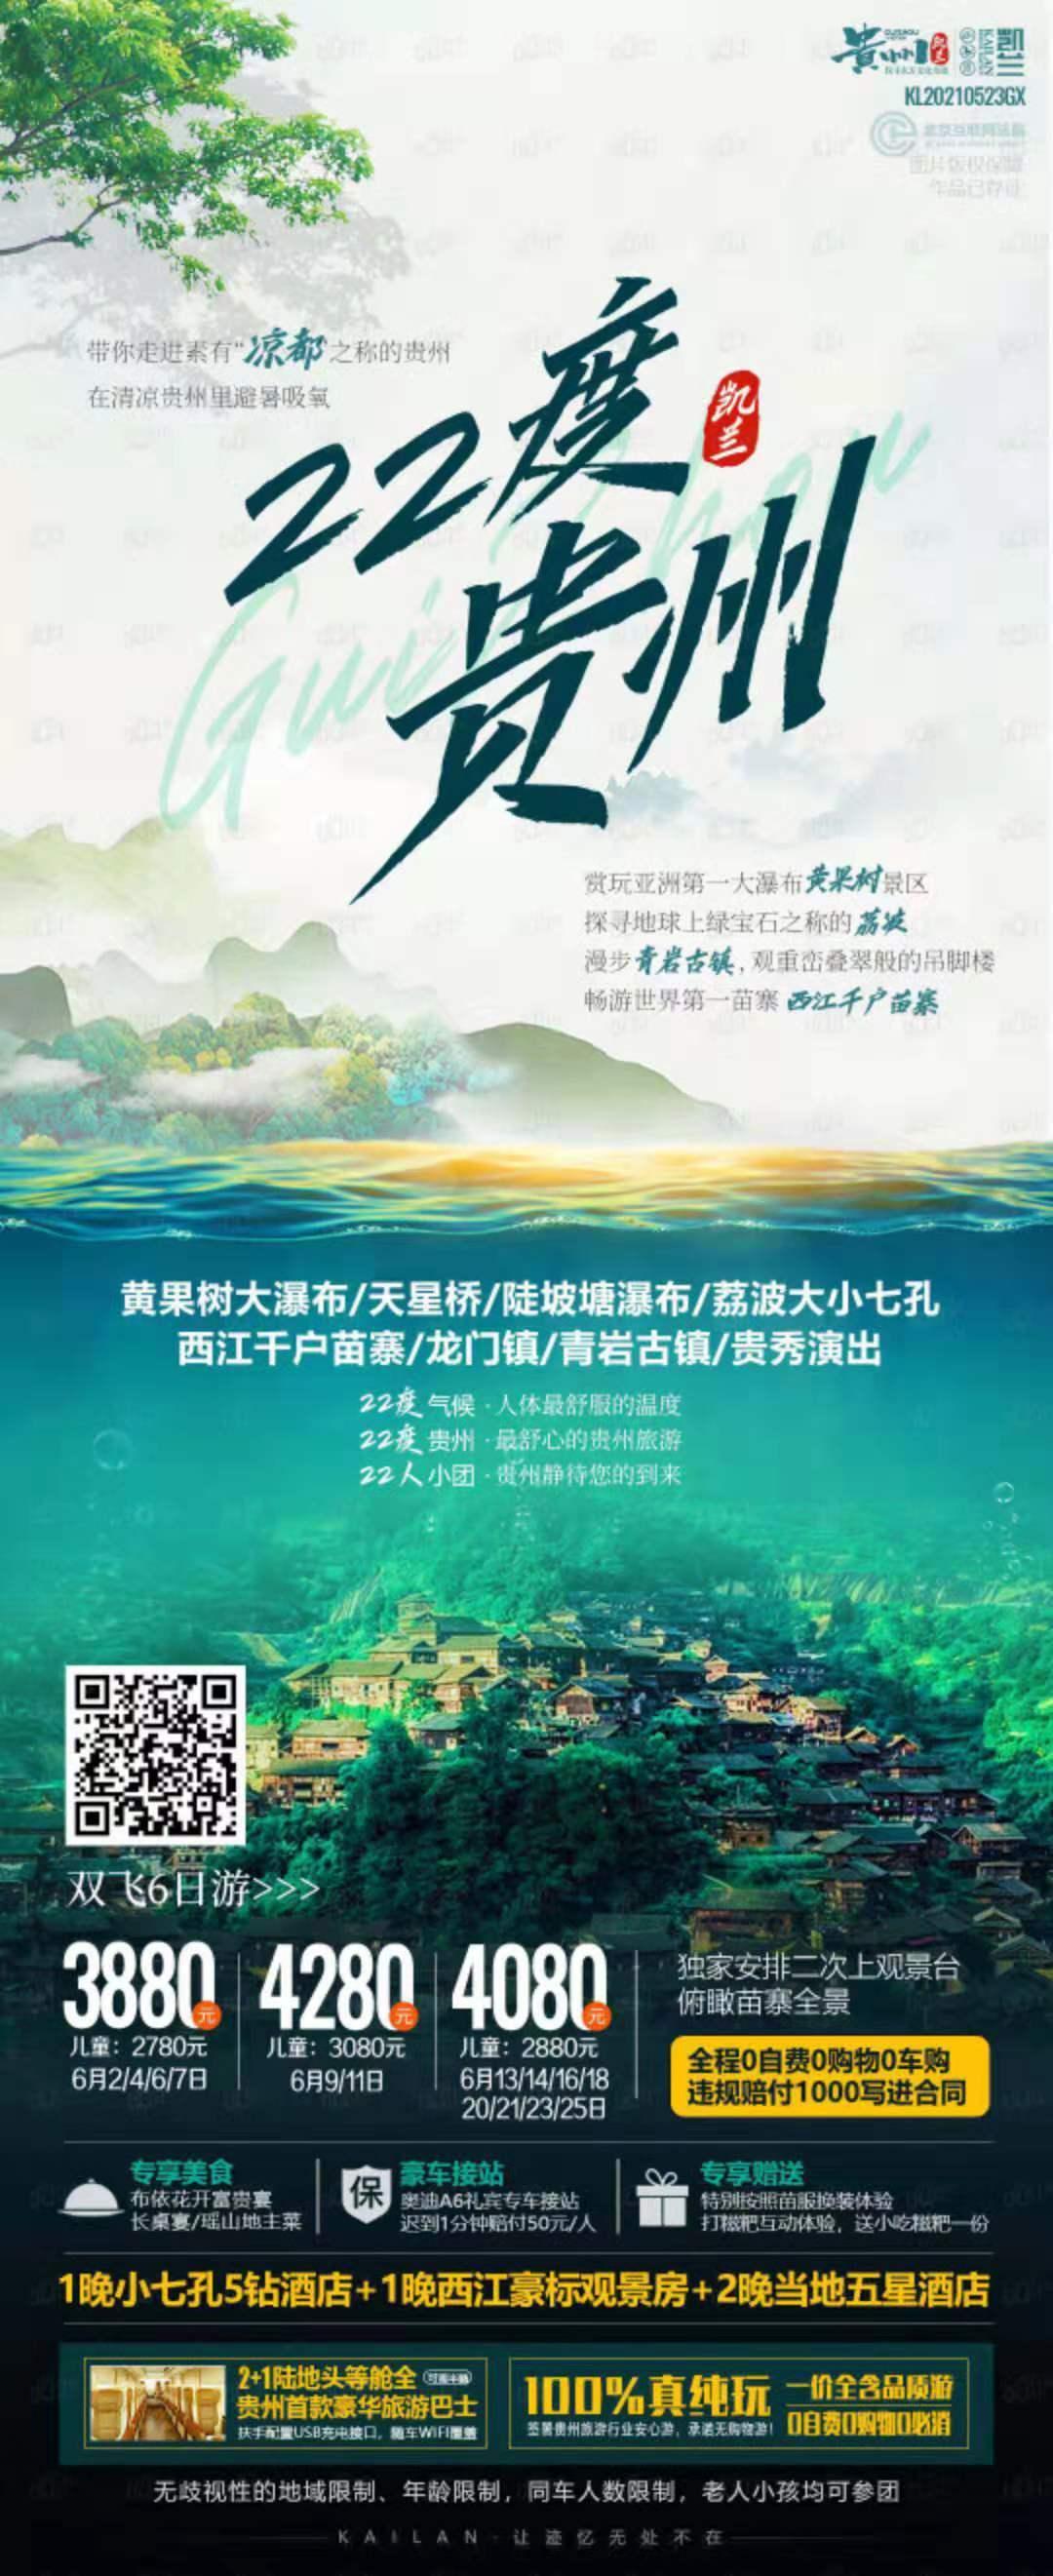 22度贵州双飞6